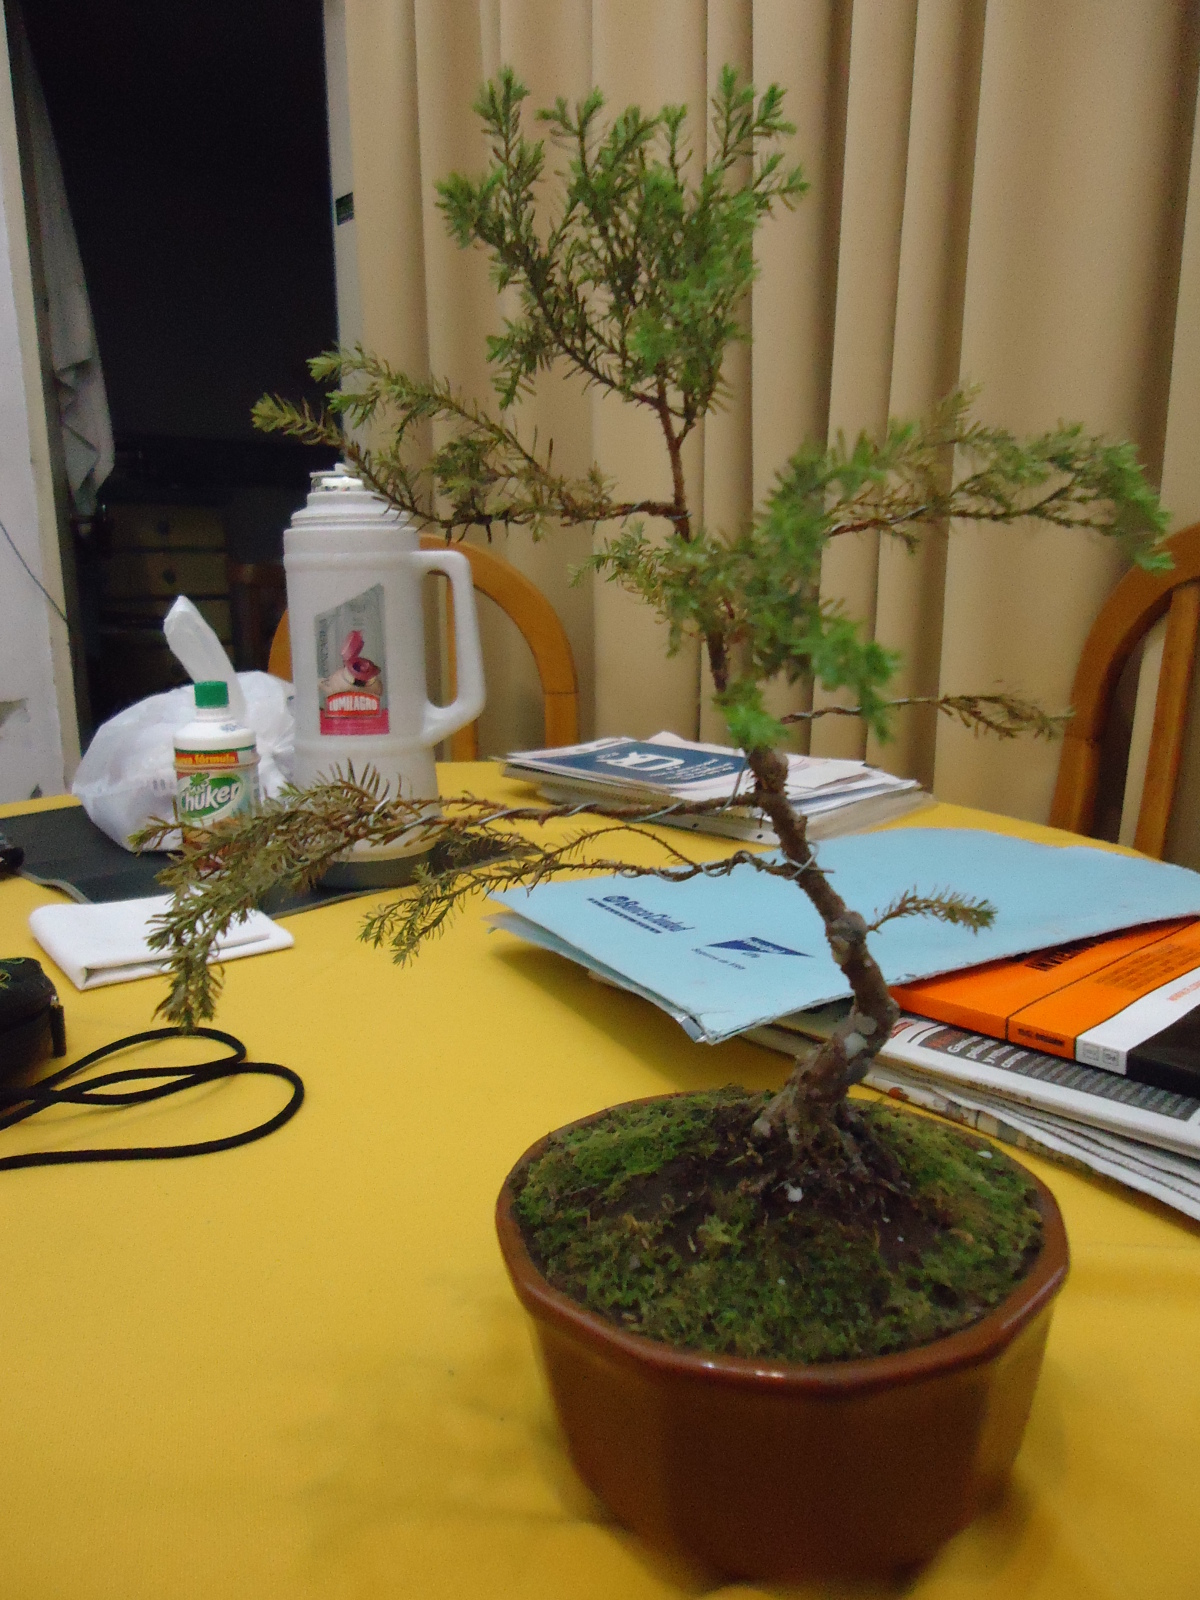 Se esta secando mi bonsai? Idxjlg